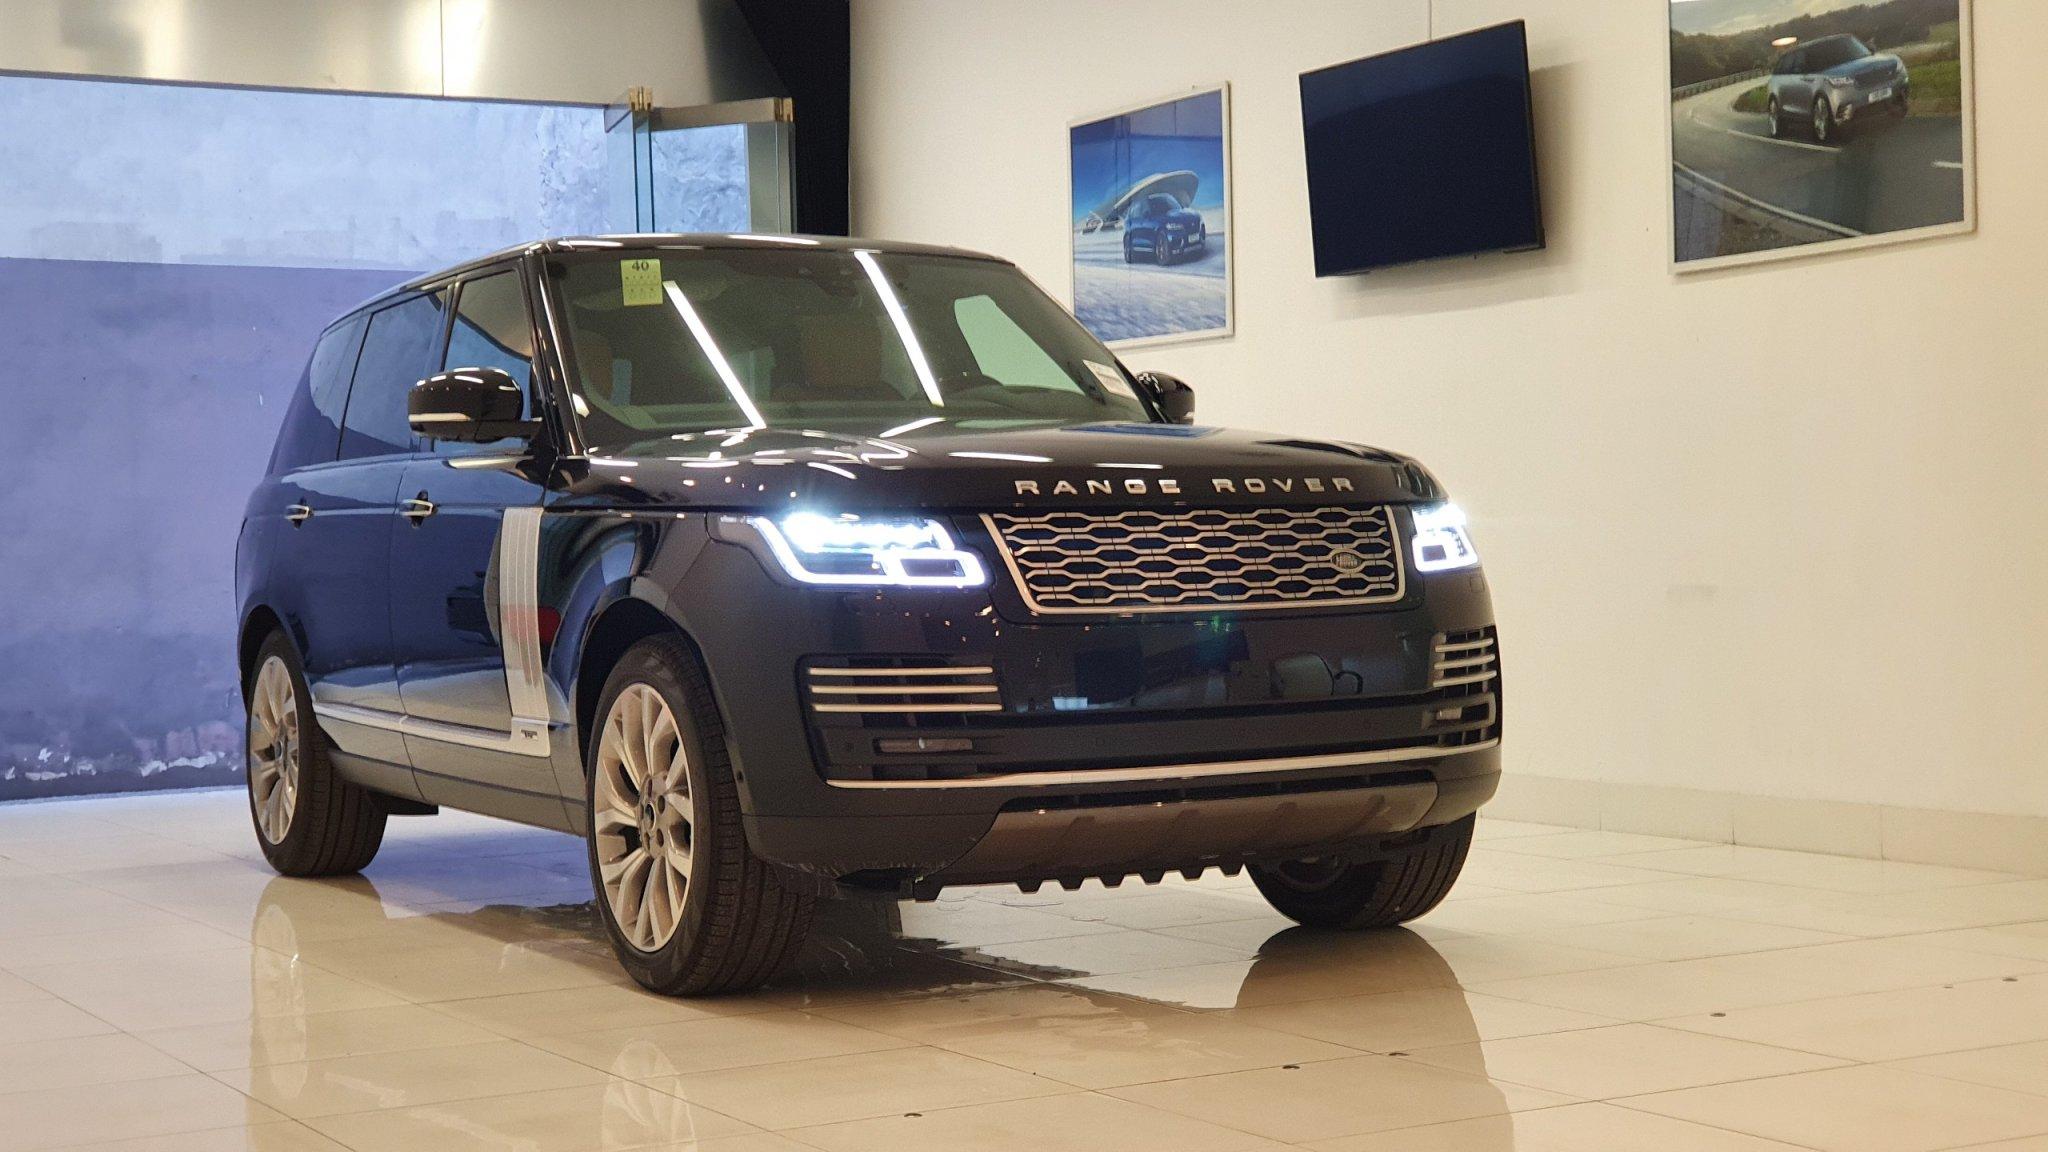 Một mẫu Range Rover Autobiography được trưng bày tại showroom cũ. Ảnh: Đại lý Land Rover